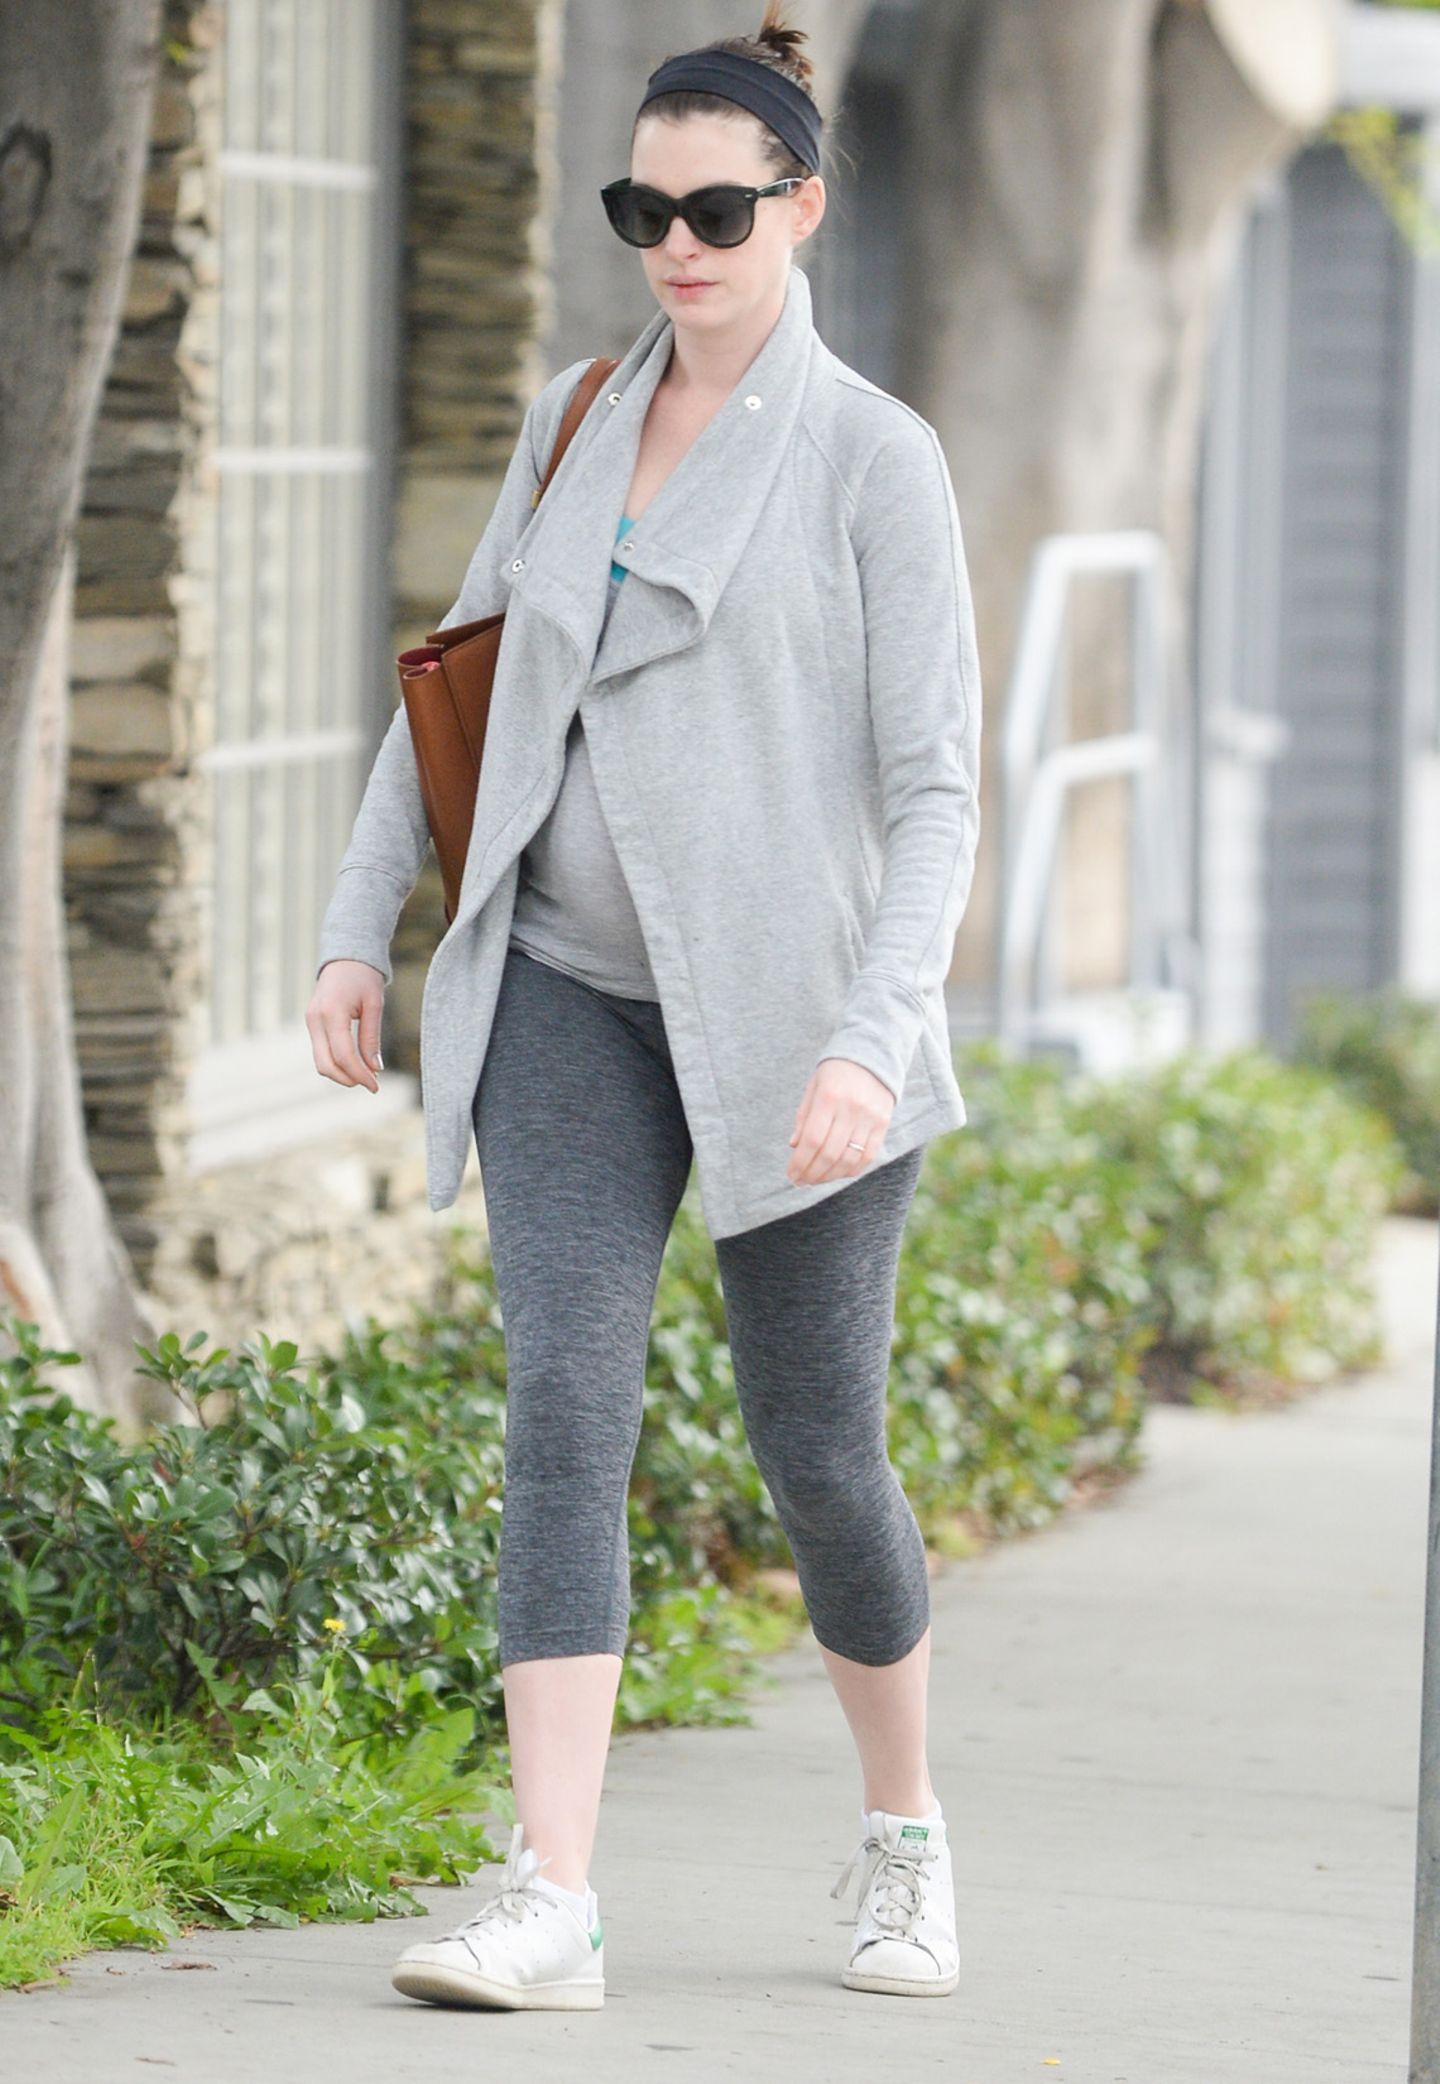 Anne Hathaway im Lässig-Look auf dem Weg zum Sport. Auch in der Schwangerschaft will sie fit bleiben.